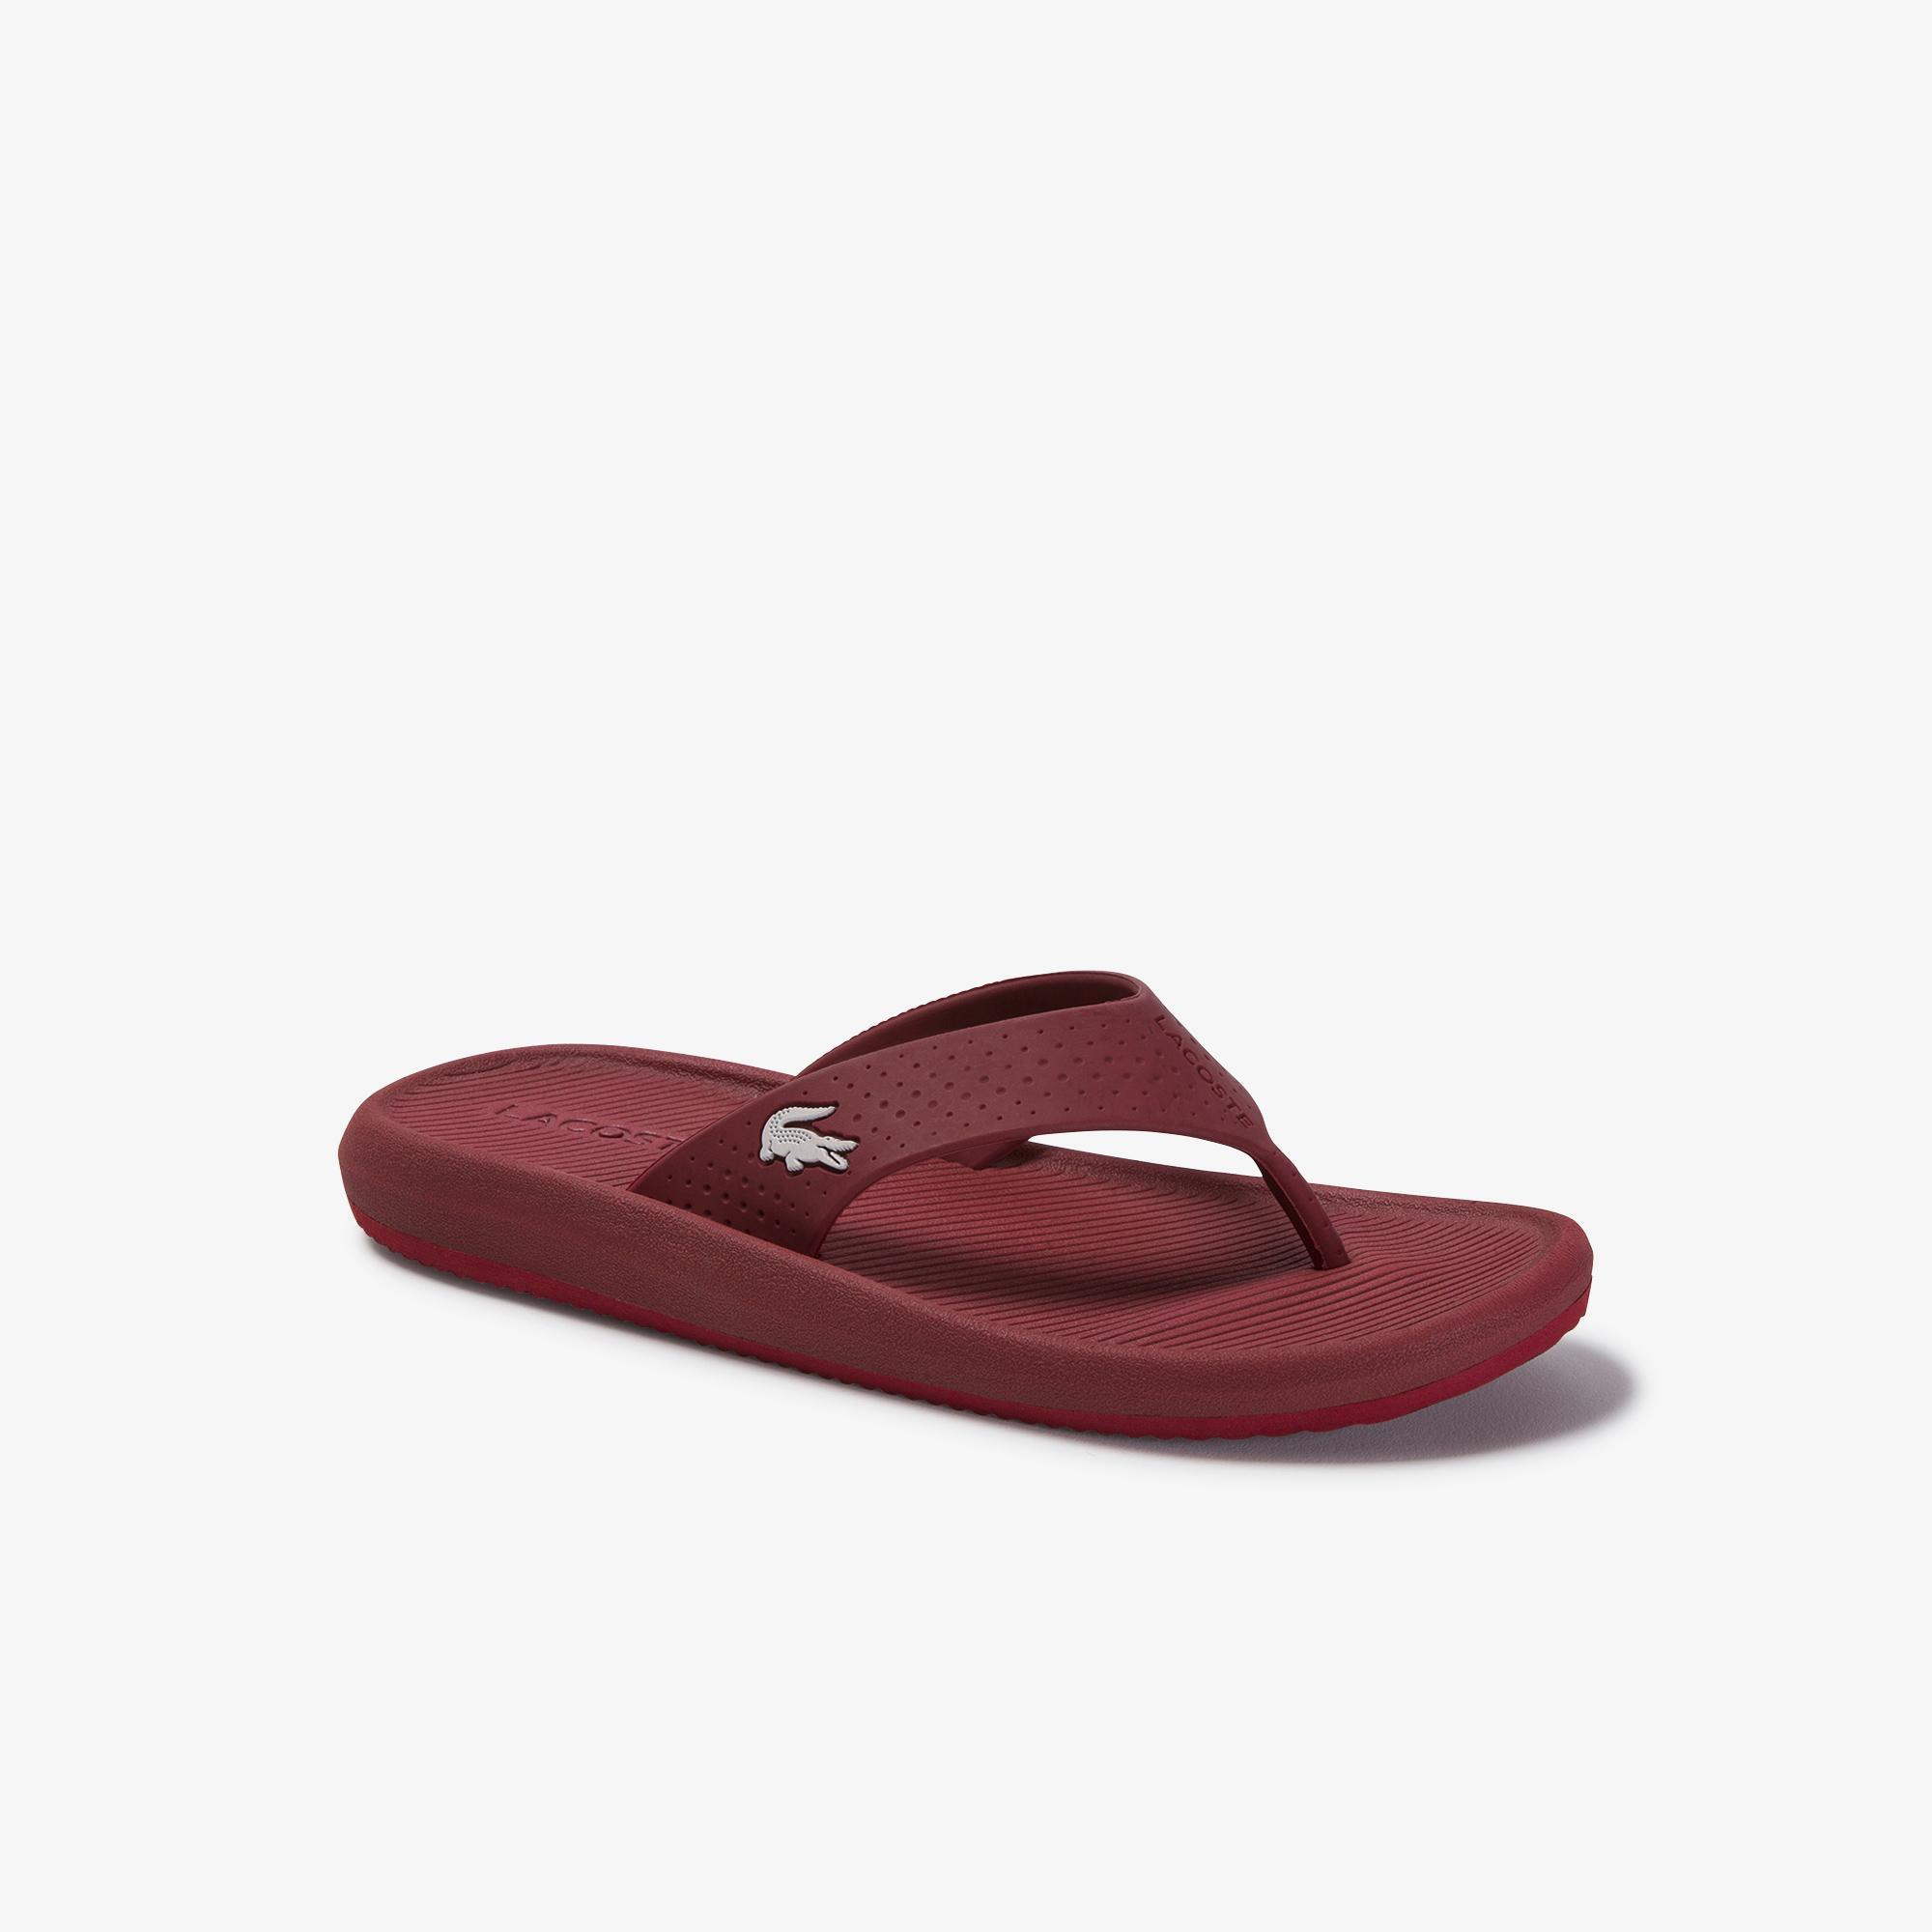 Lacoste Croco Sandal 120 1 Women's Shoes